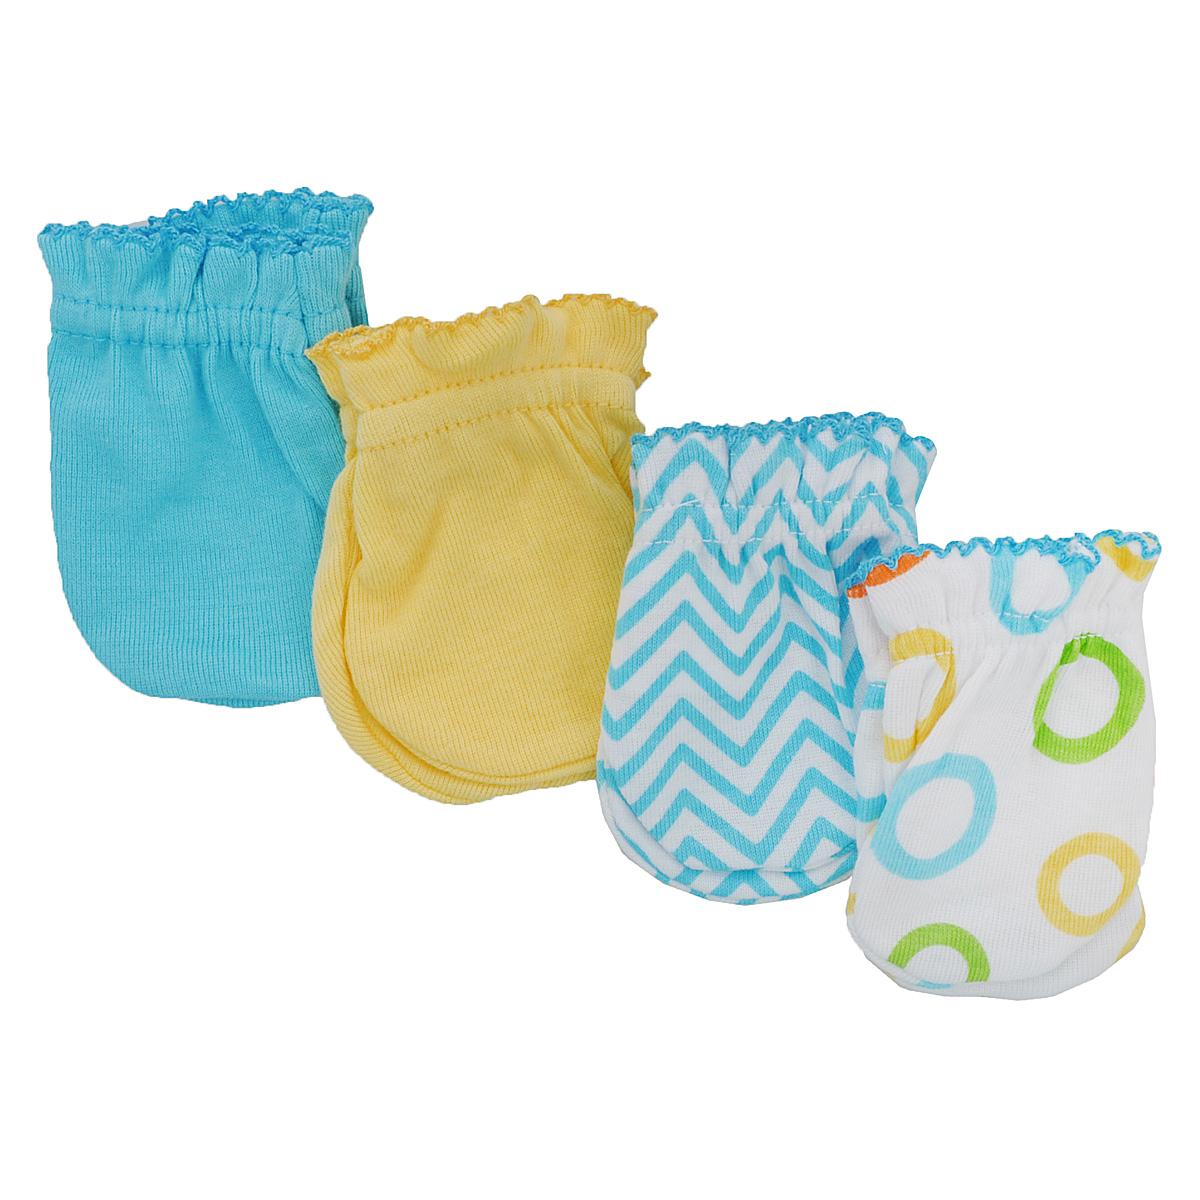 34711Рукавички для новорожденного Luvable Friends, изготовленные из натурального хлопка, идеально подойдут вашему малышу и обеспечат ему комфорт во время сна и бодрствования, предохраняя нежную кожу новорожденного от расцарапывания. В комплект входят четыре пары рукавичек.